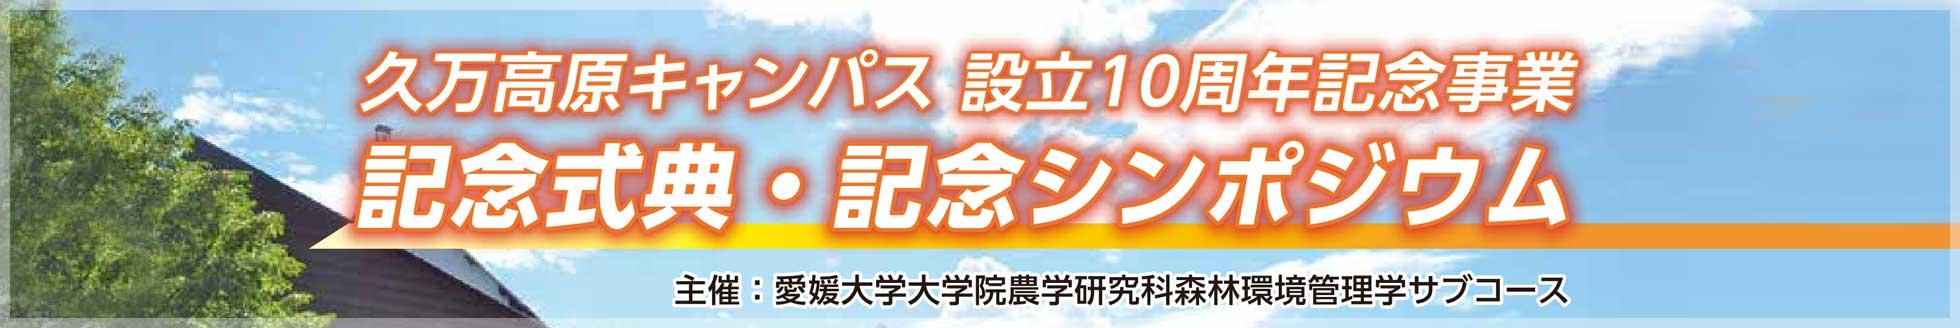 久万高原キャンパス設立10周年記念事業 記念式典・記念シンポジウム